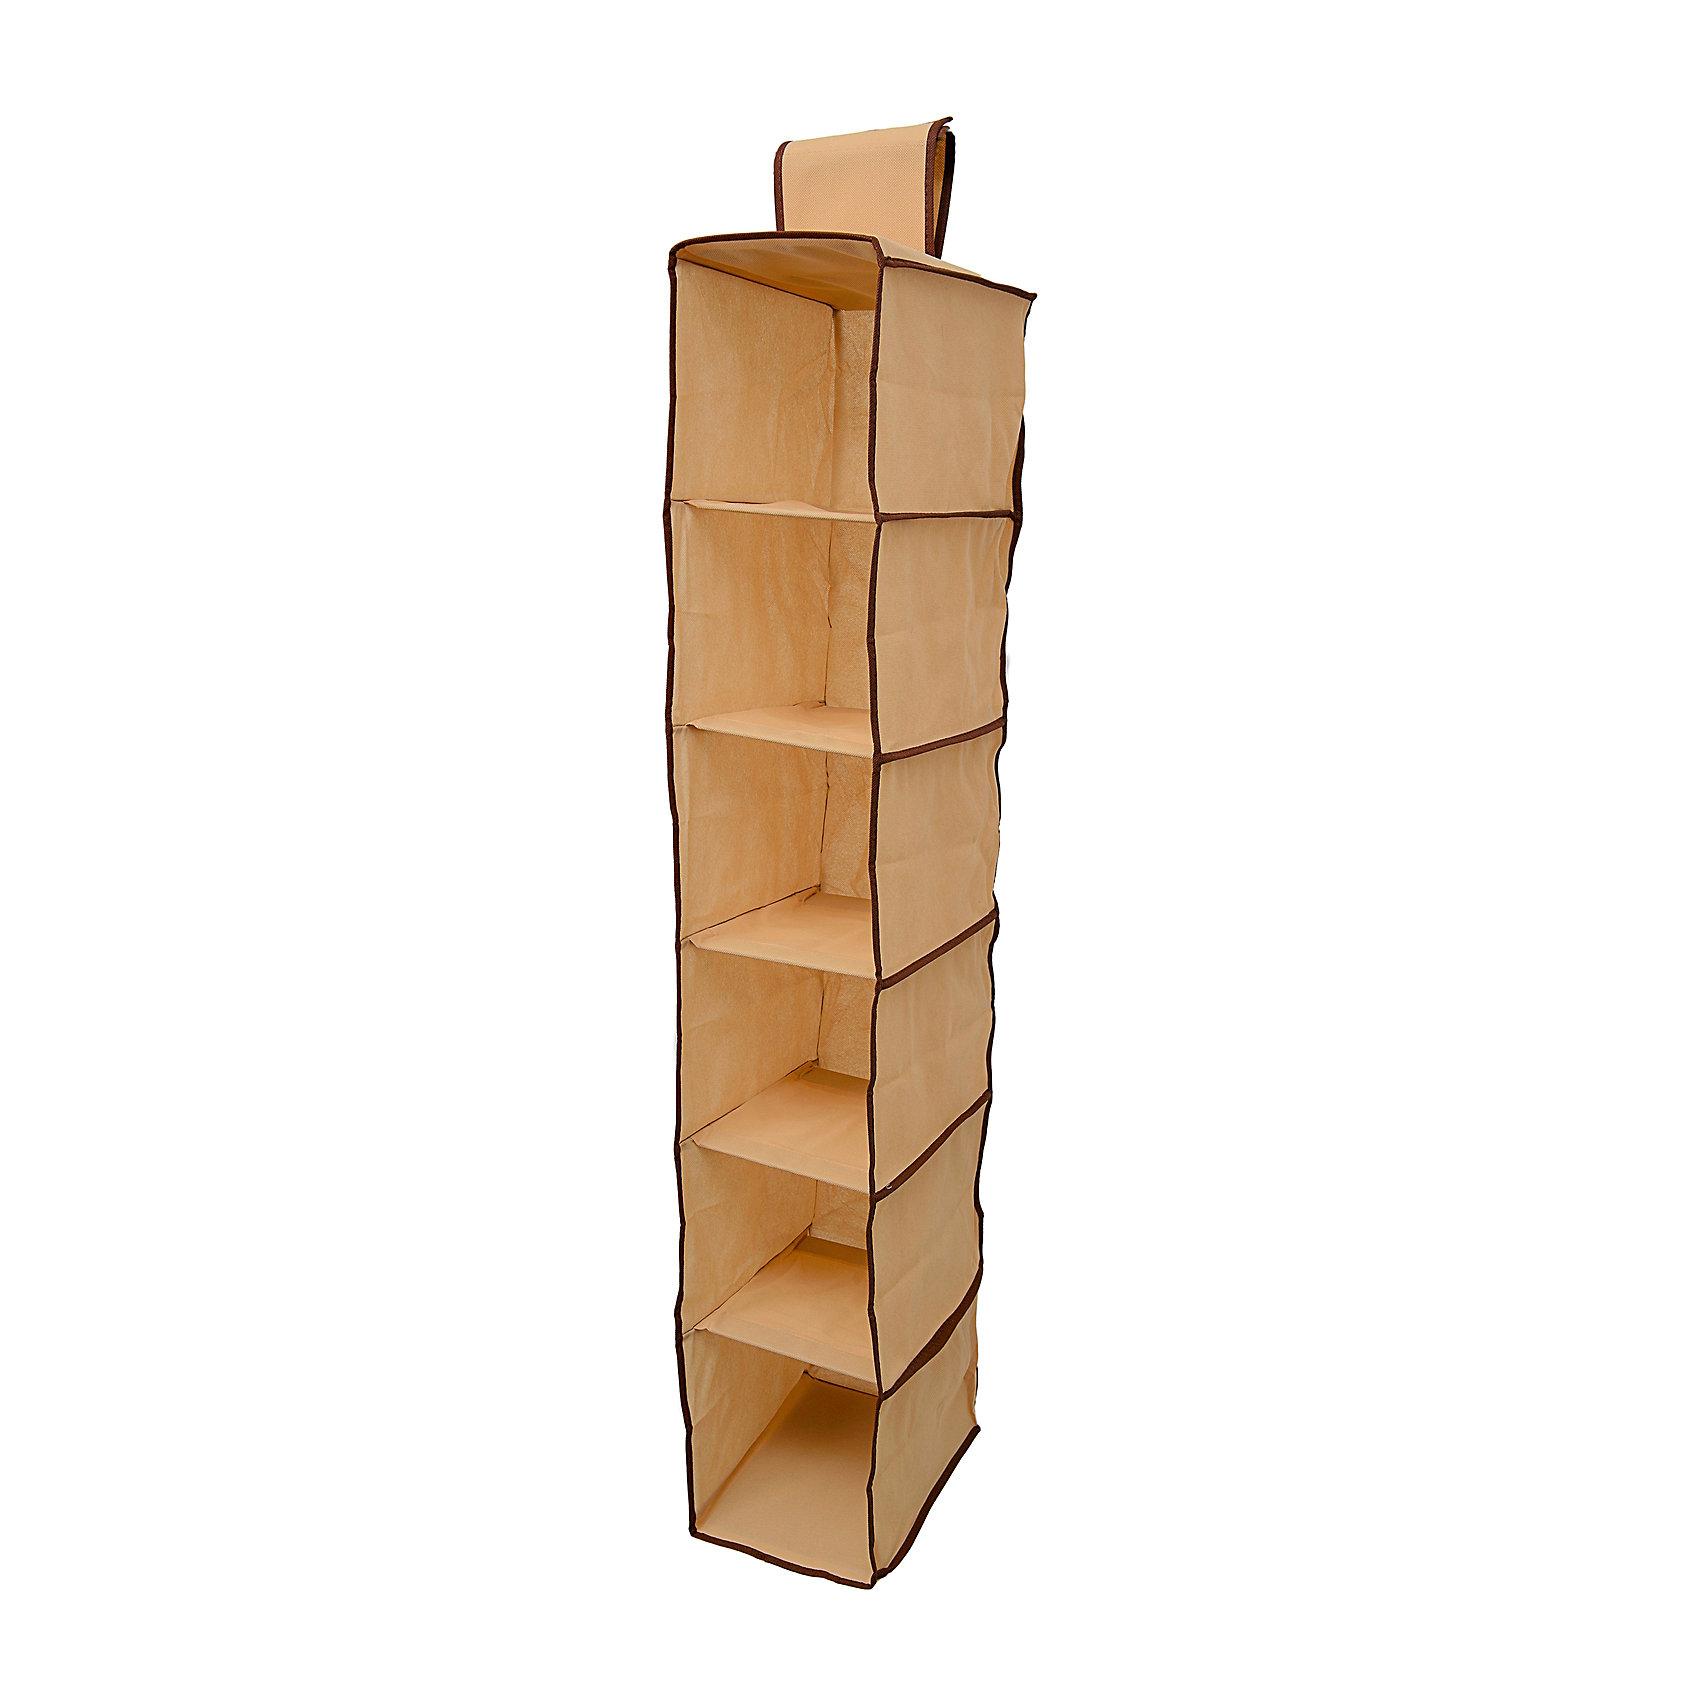 Органайзер подвесной в шкаф Costa-Rica, HomsuПорядок в детской<br>Подвесной органайзер имеет 6 раздельных ячеек размером 30Х20см, очень удобен для хранения вещей в вашем шкафу. Идеально для колготок, шапок, шарфов, мелочей и других вещей ежедневного пользования.<br><br>Ширина мм: 300<br>Глубина мм: 250<br>Высота мм: 20<br>Вес г: 500<br>Возраст от месяцев: 216<br>Возраст до месяцев: 1188<br>Пол: Унисекс<br>Возраст: Детский<br>SKU: 5620225